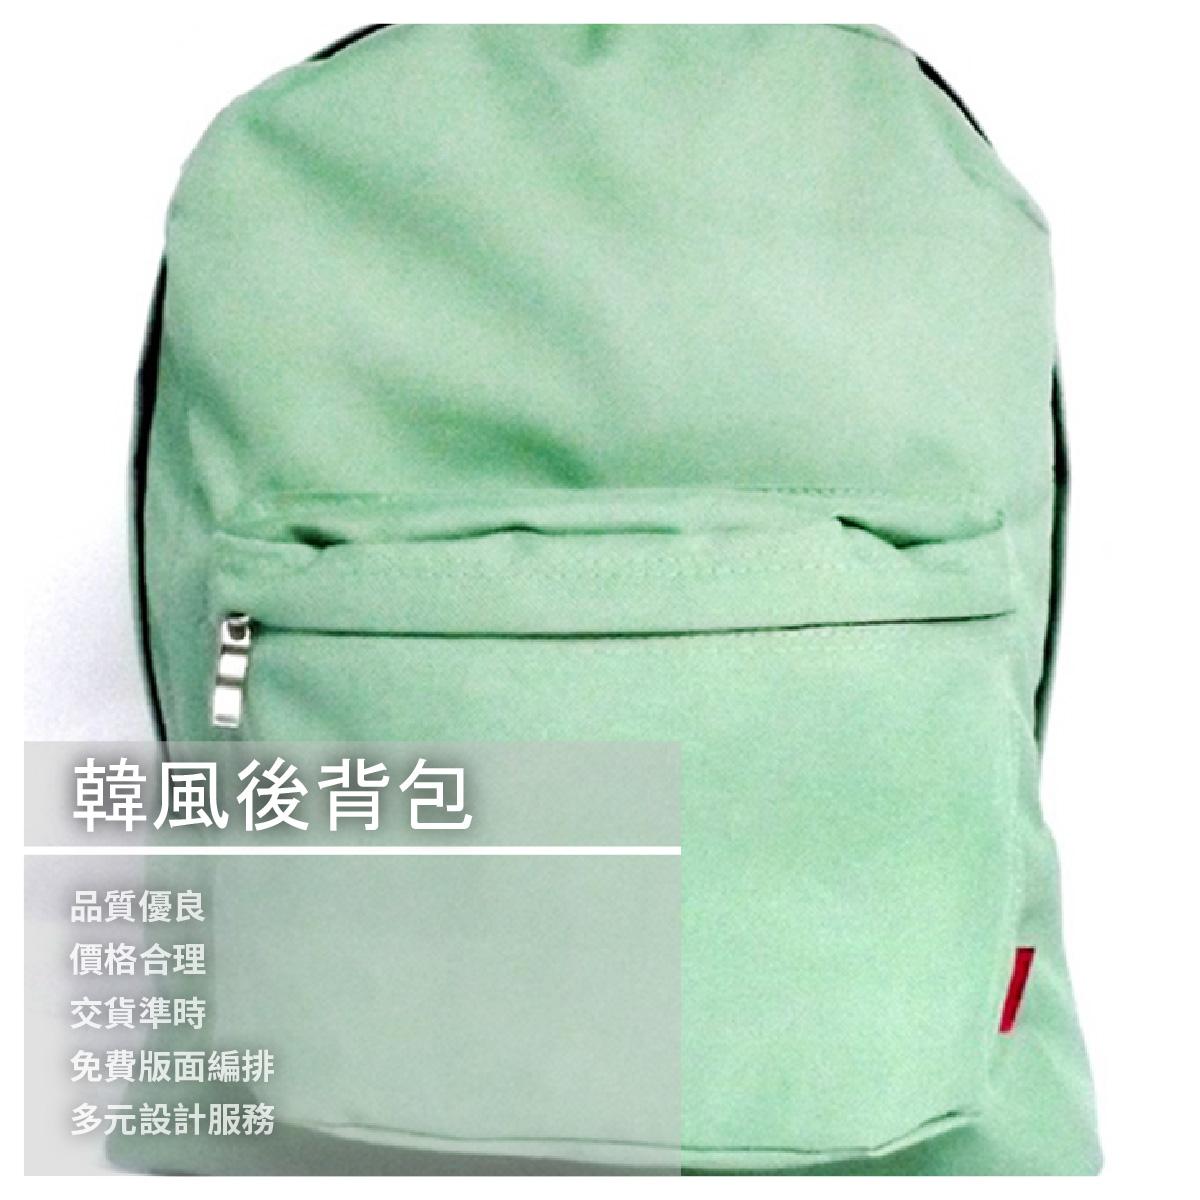 【長恒製袋】韓風後背包/兩款顏色